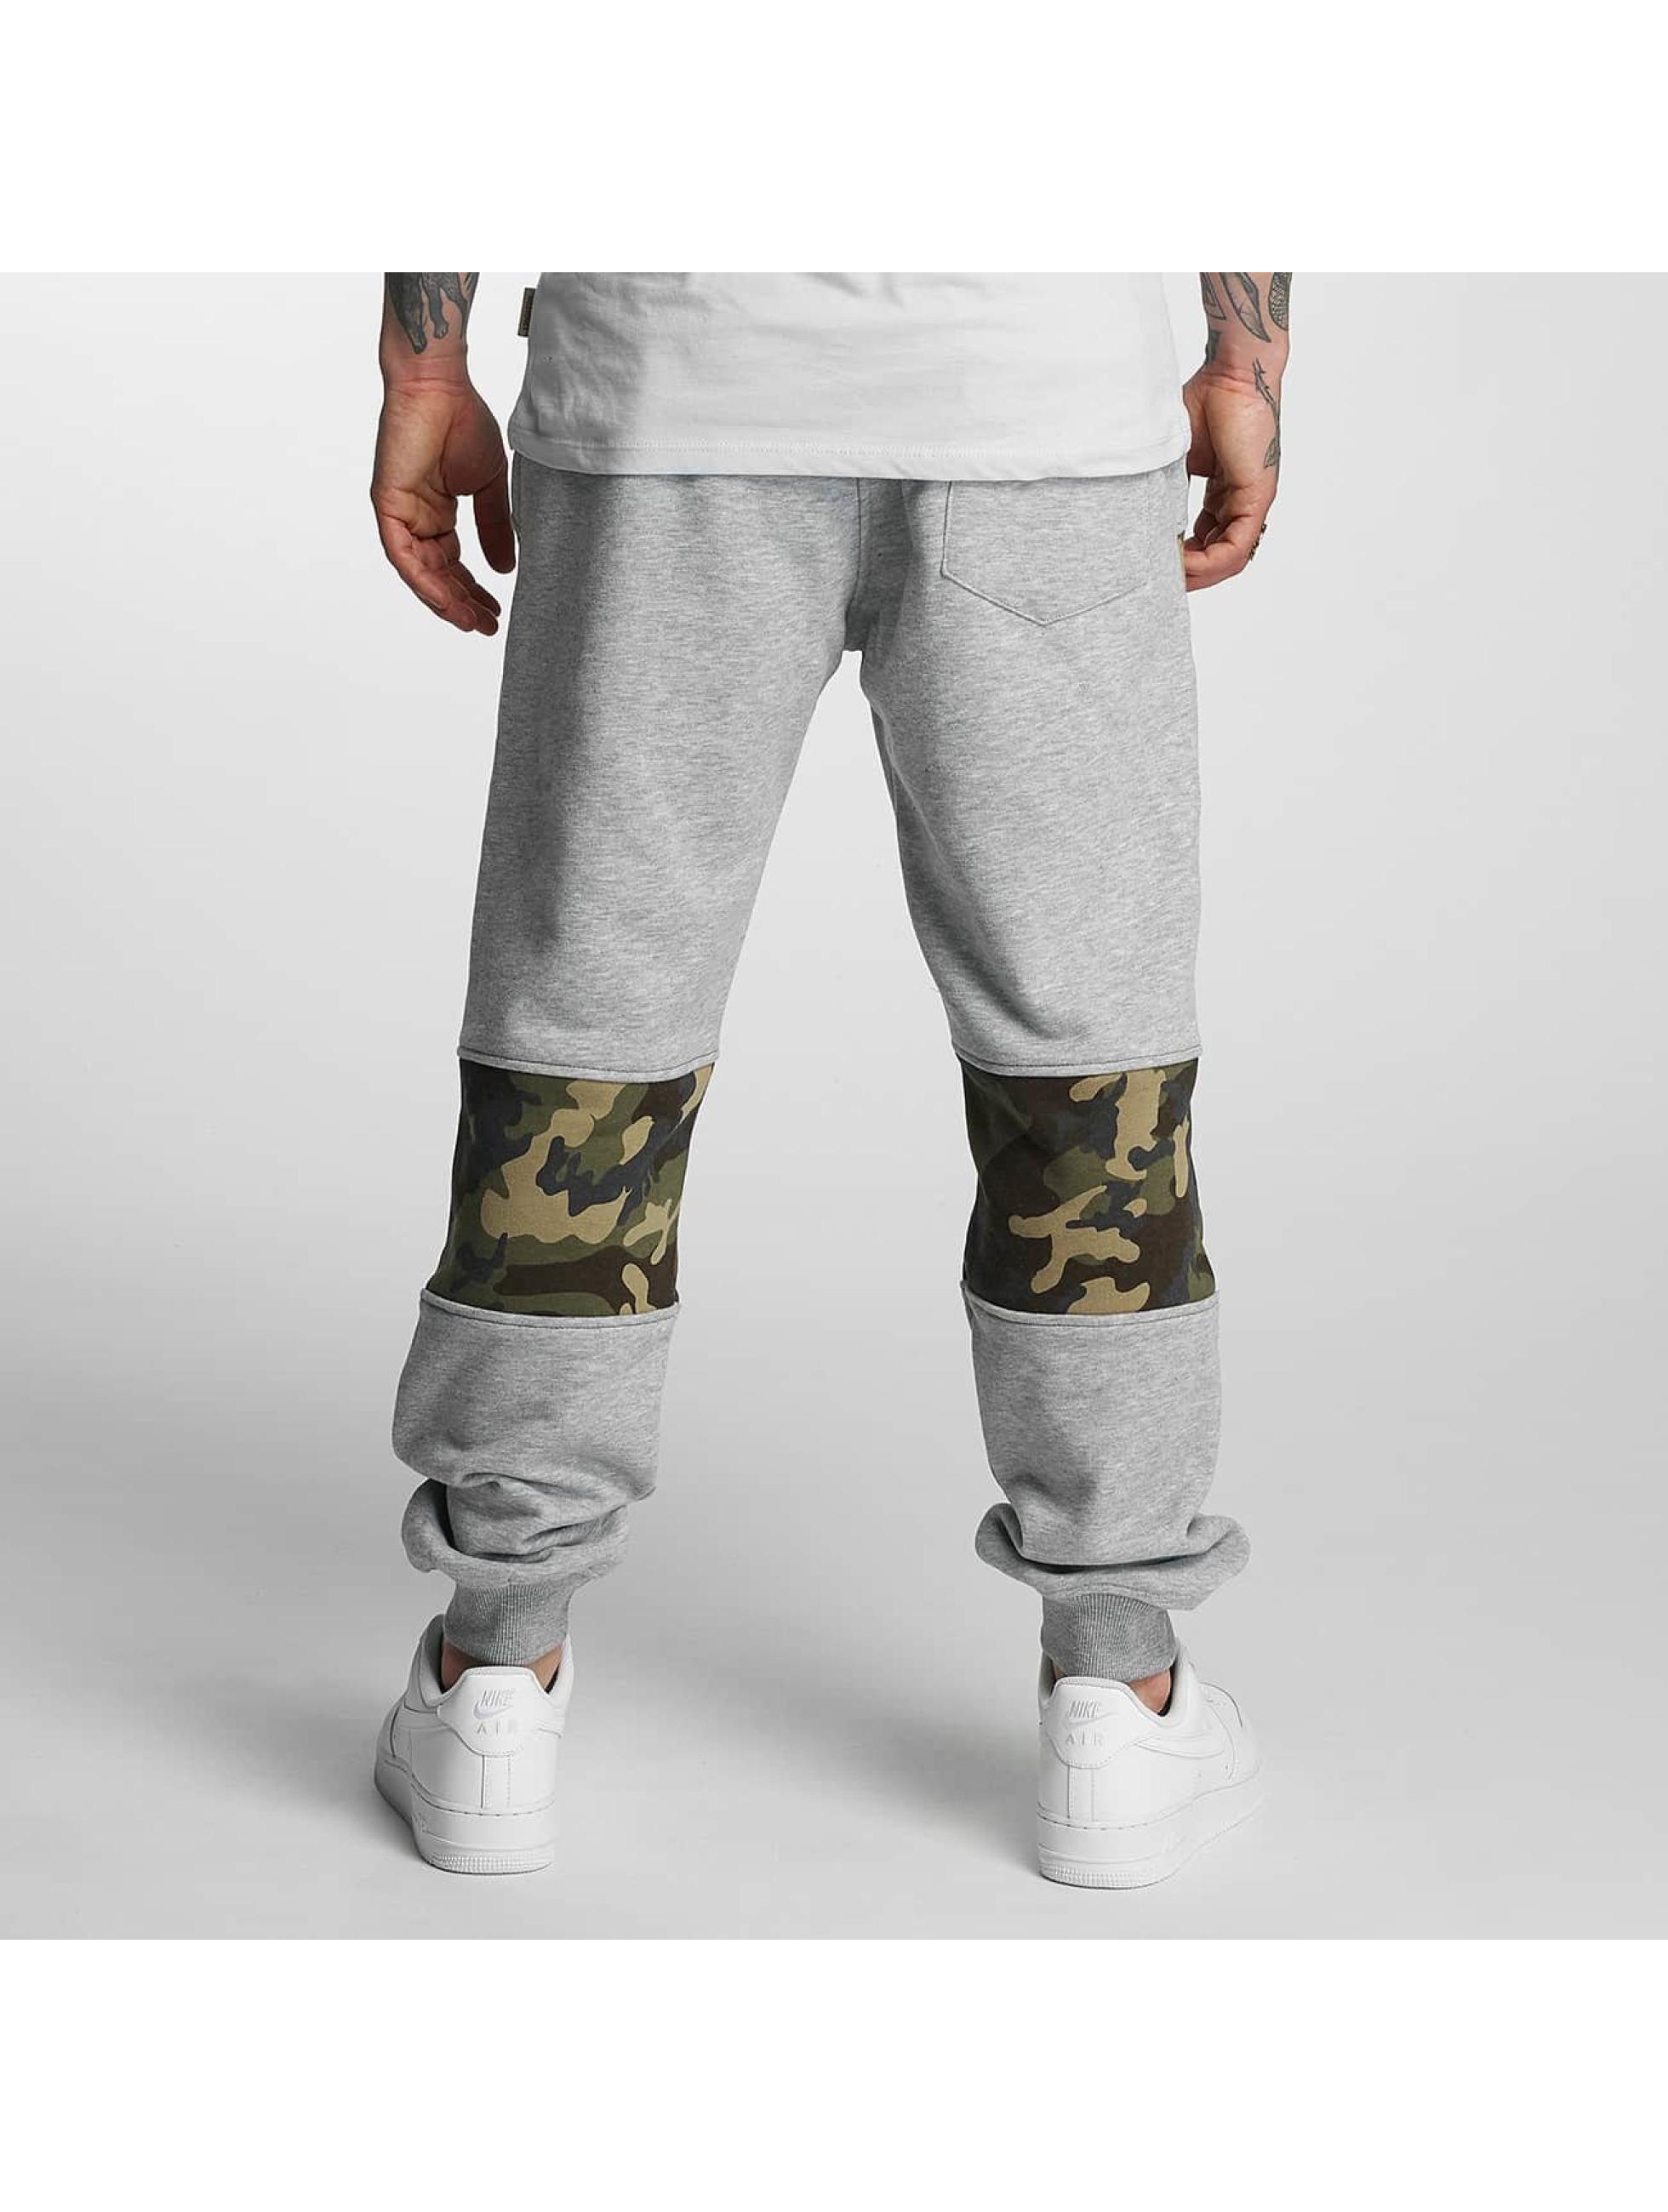 Yakuza Jogginghose Warrior camouflage